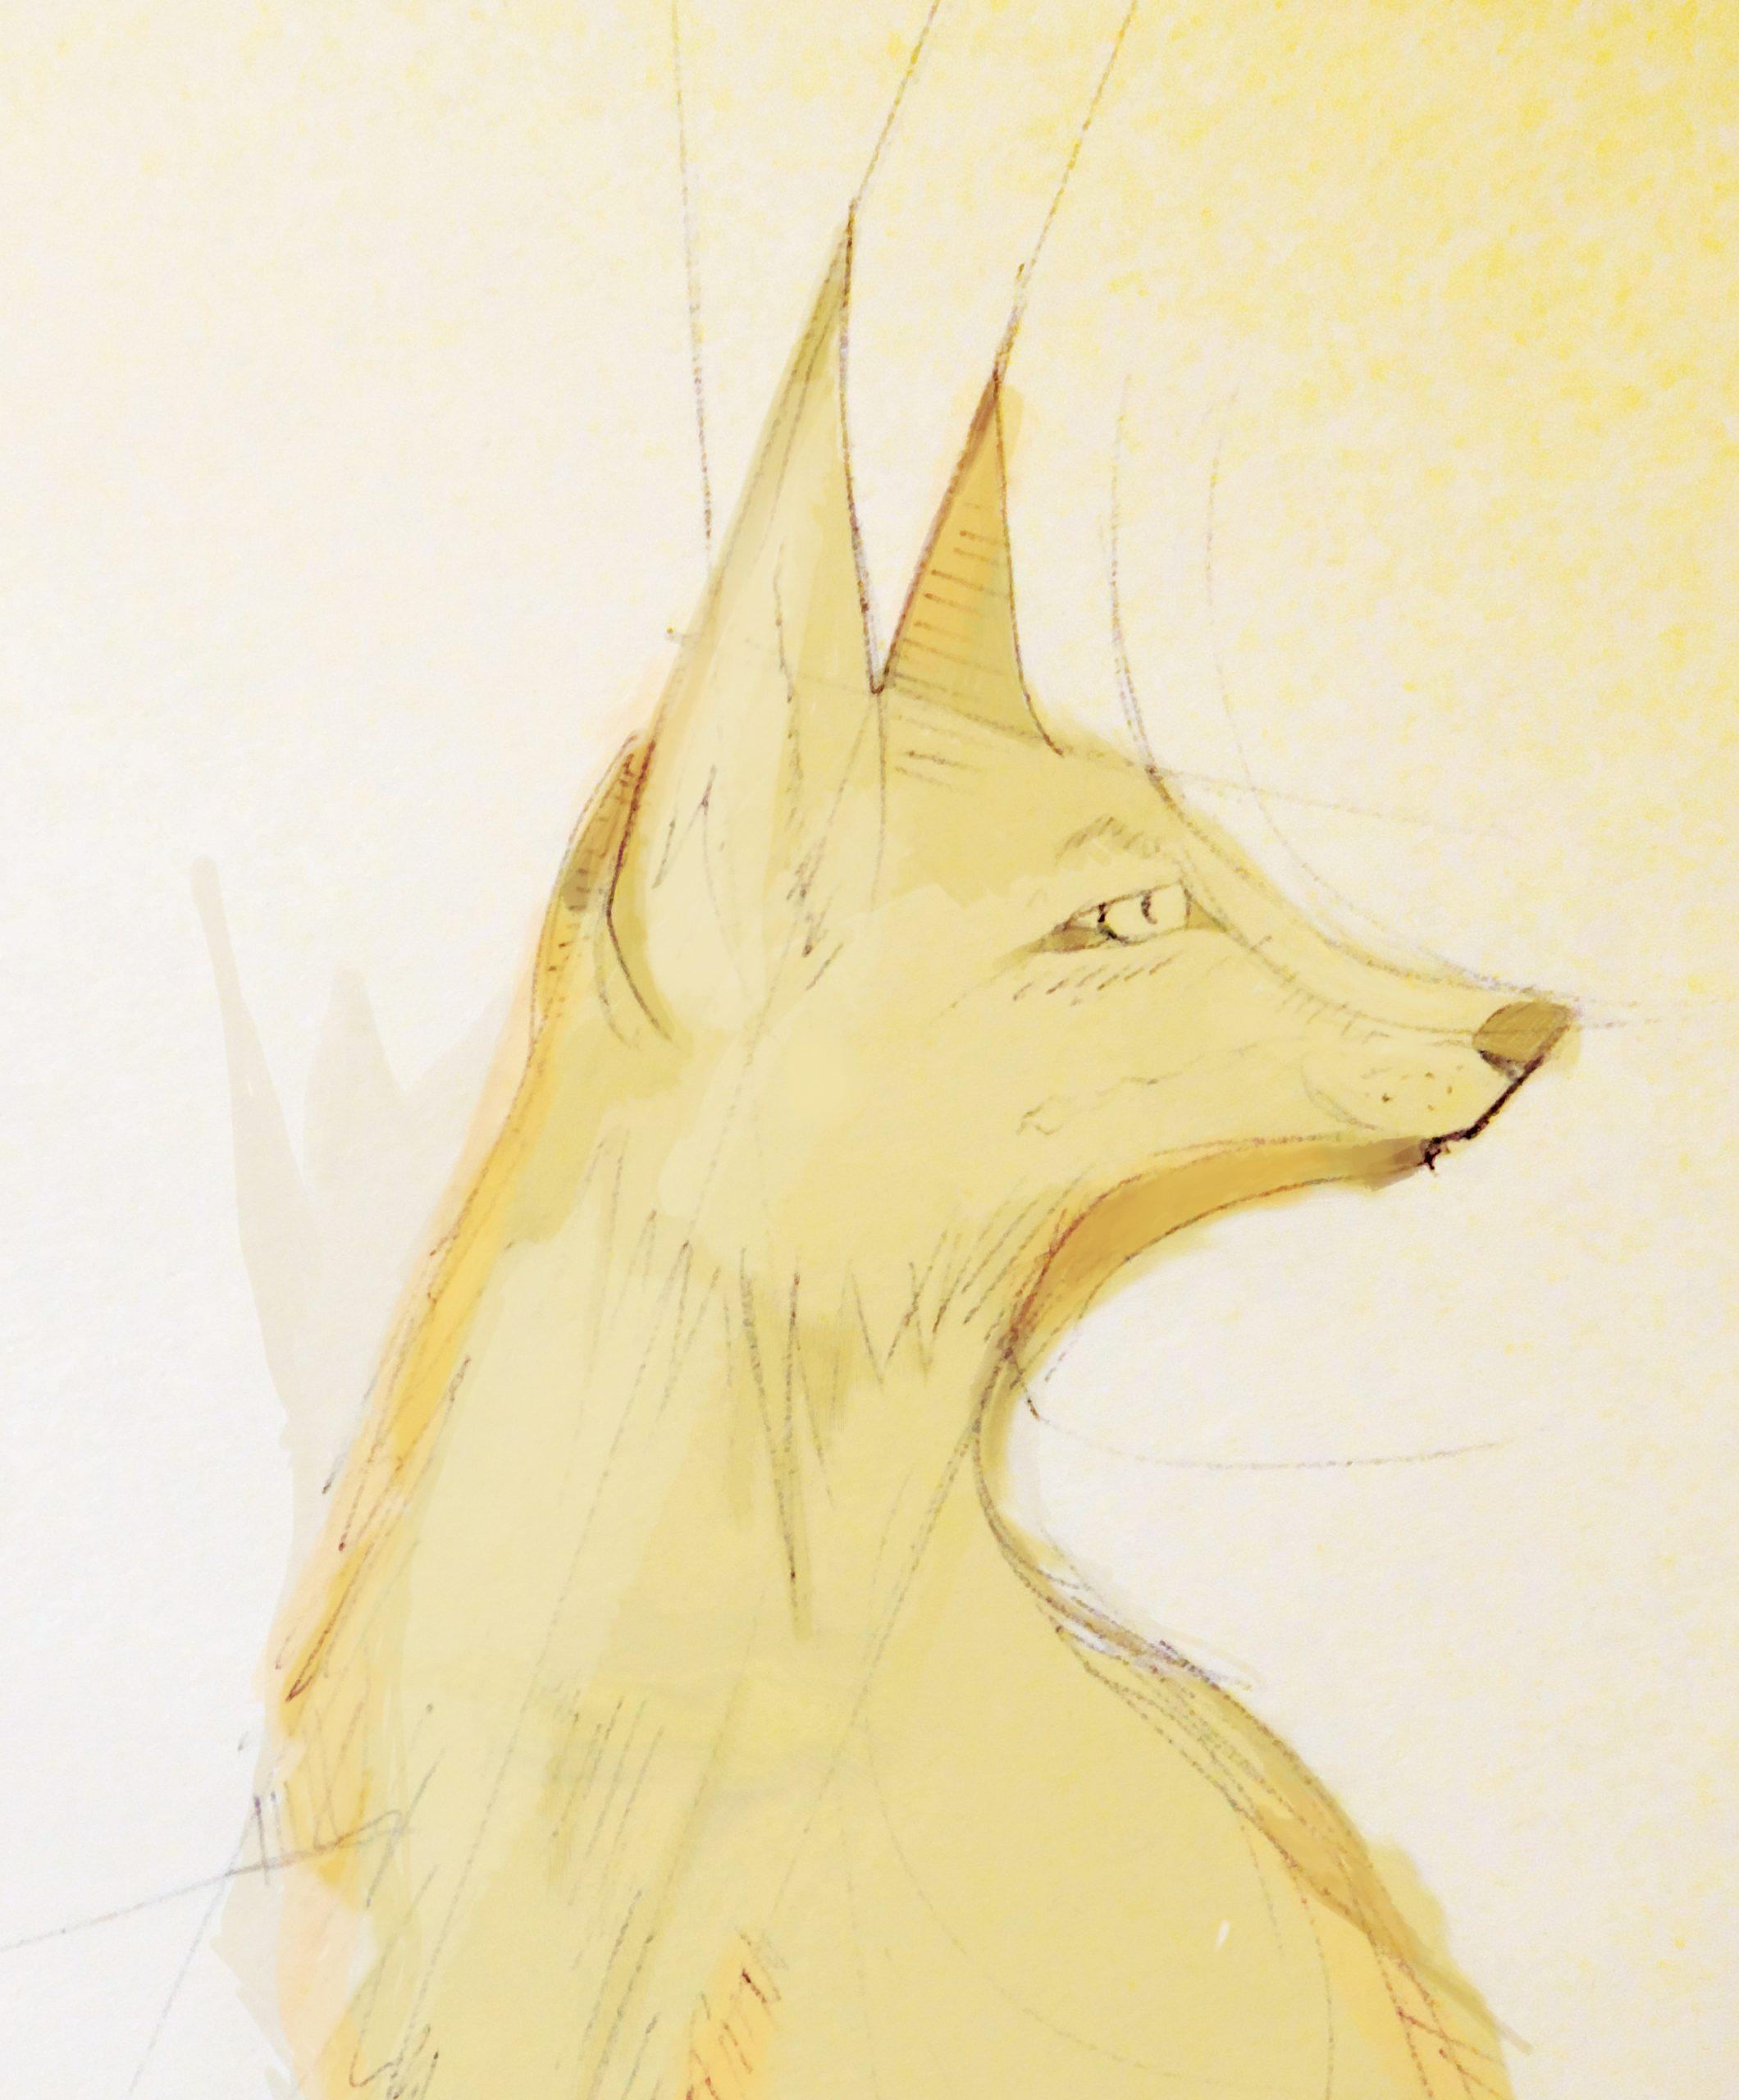 Yellow fox shabby chic